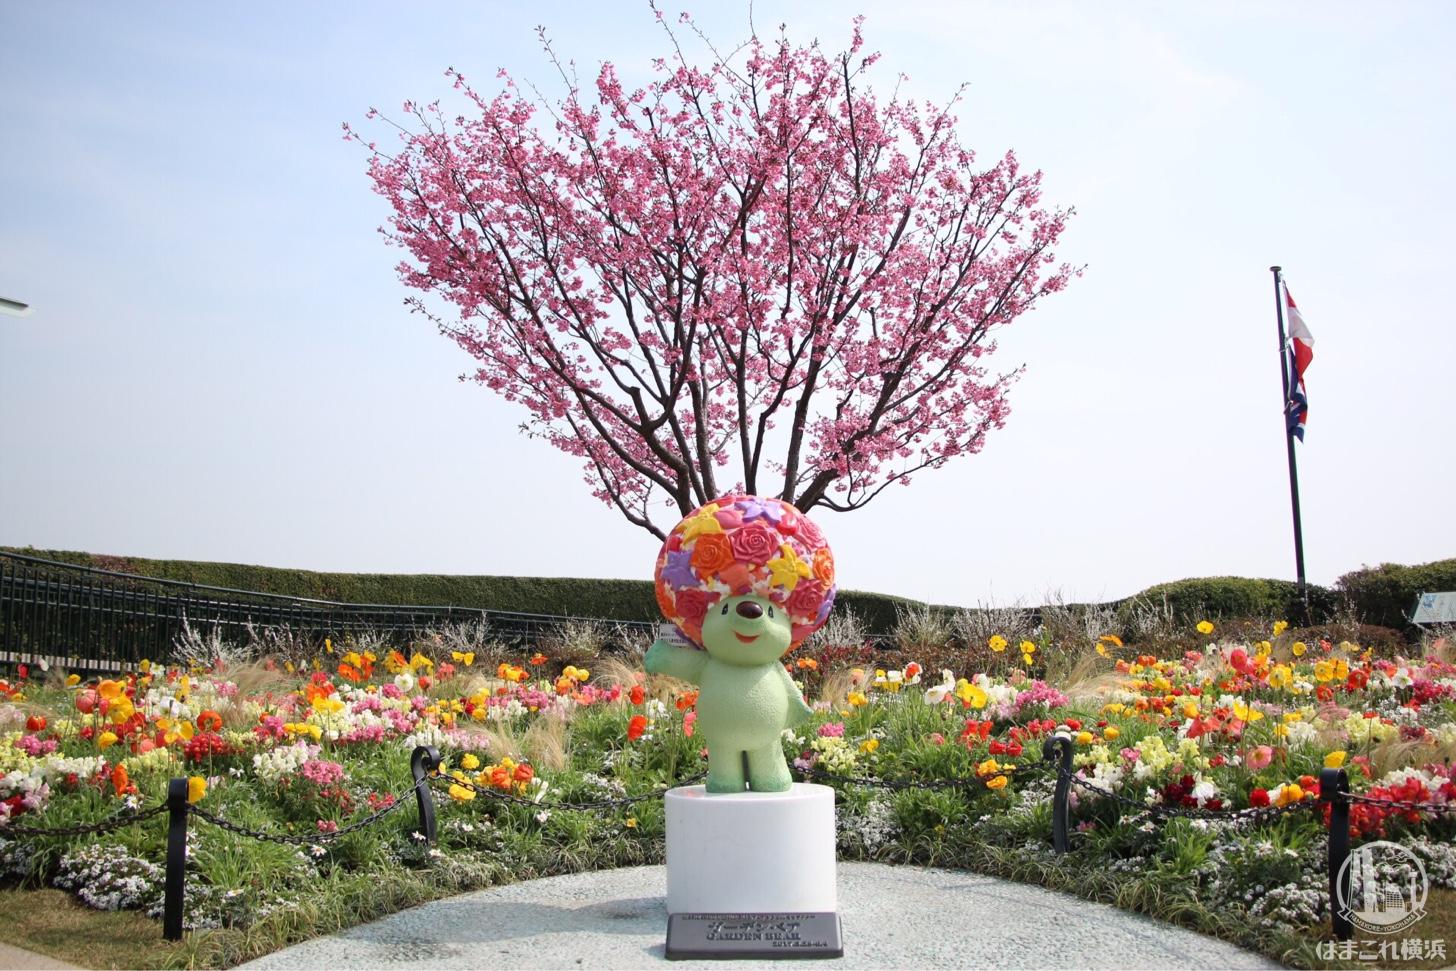 港の見える丘公園・ガーデンネックレス横浜